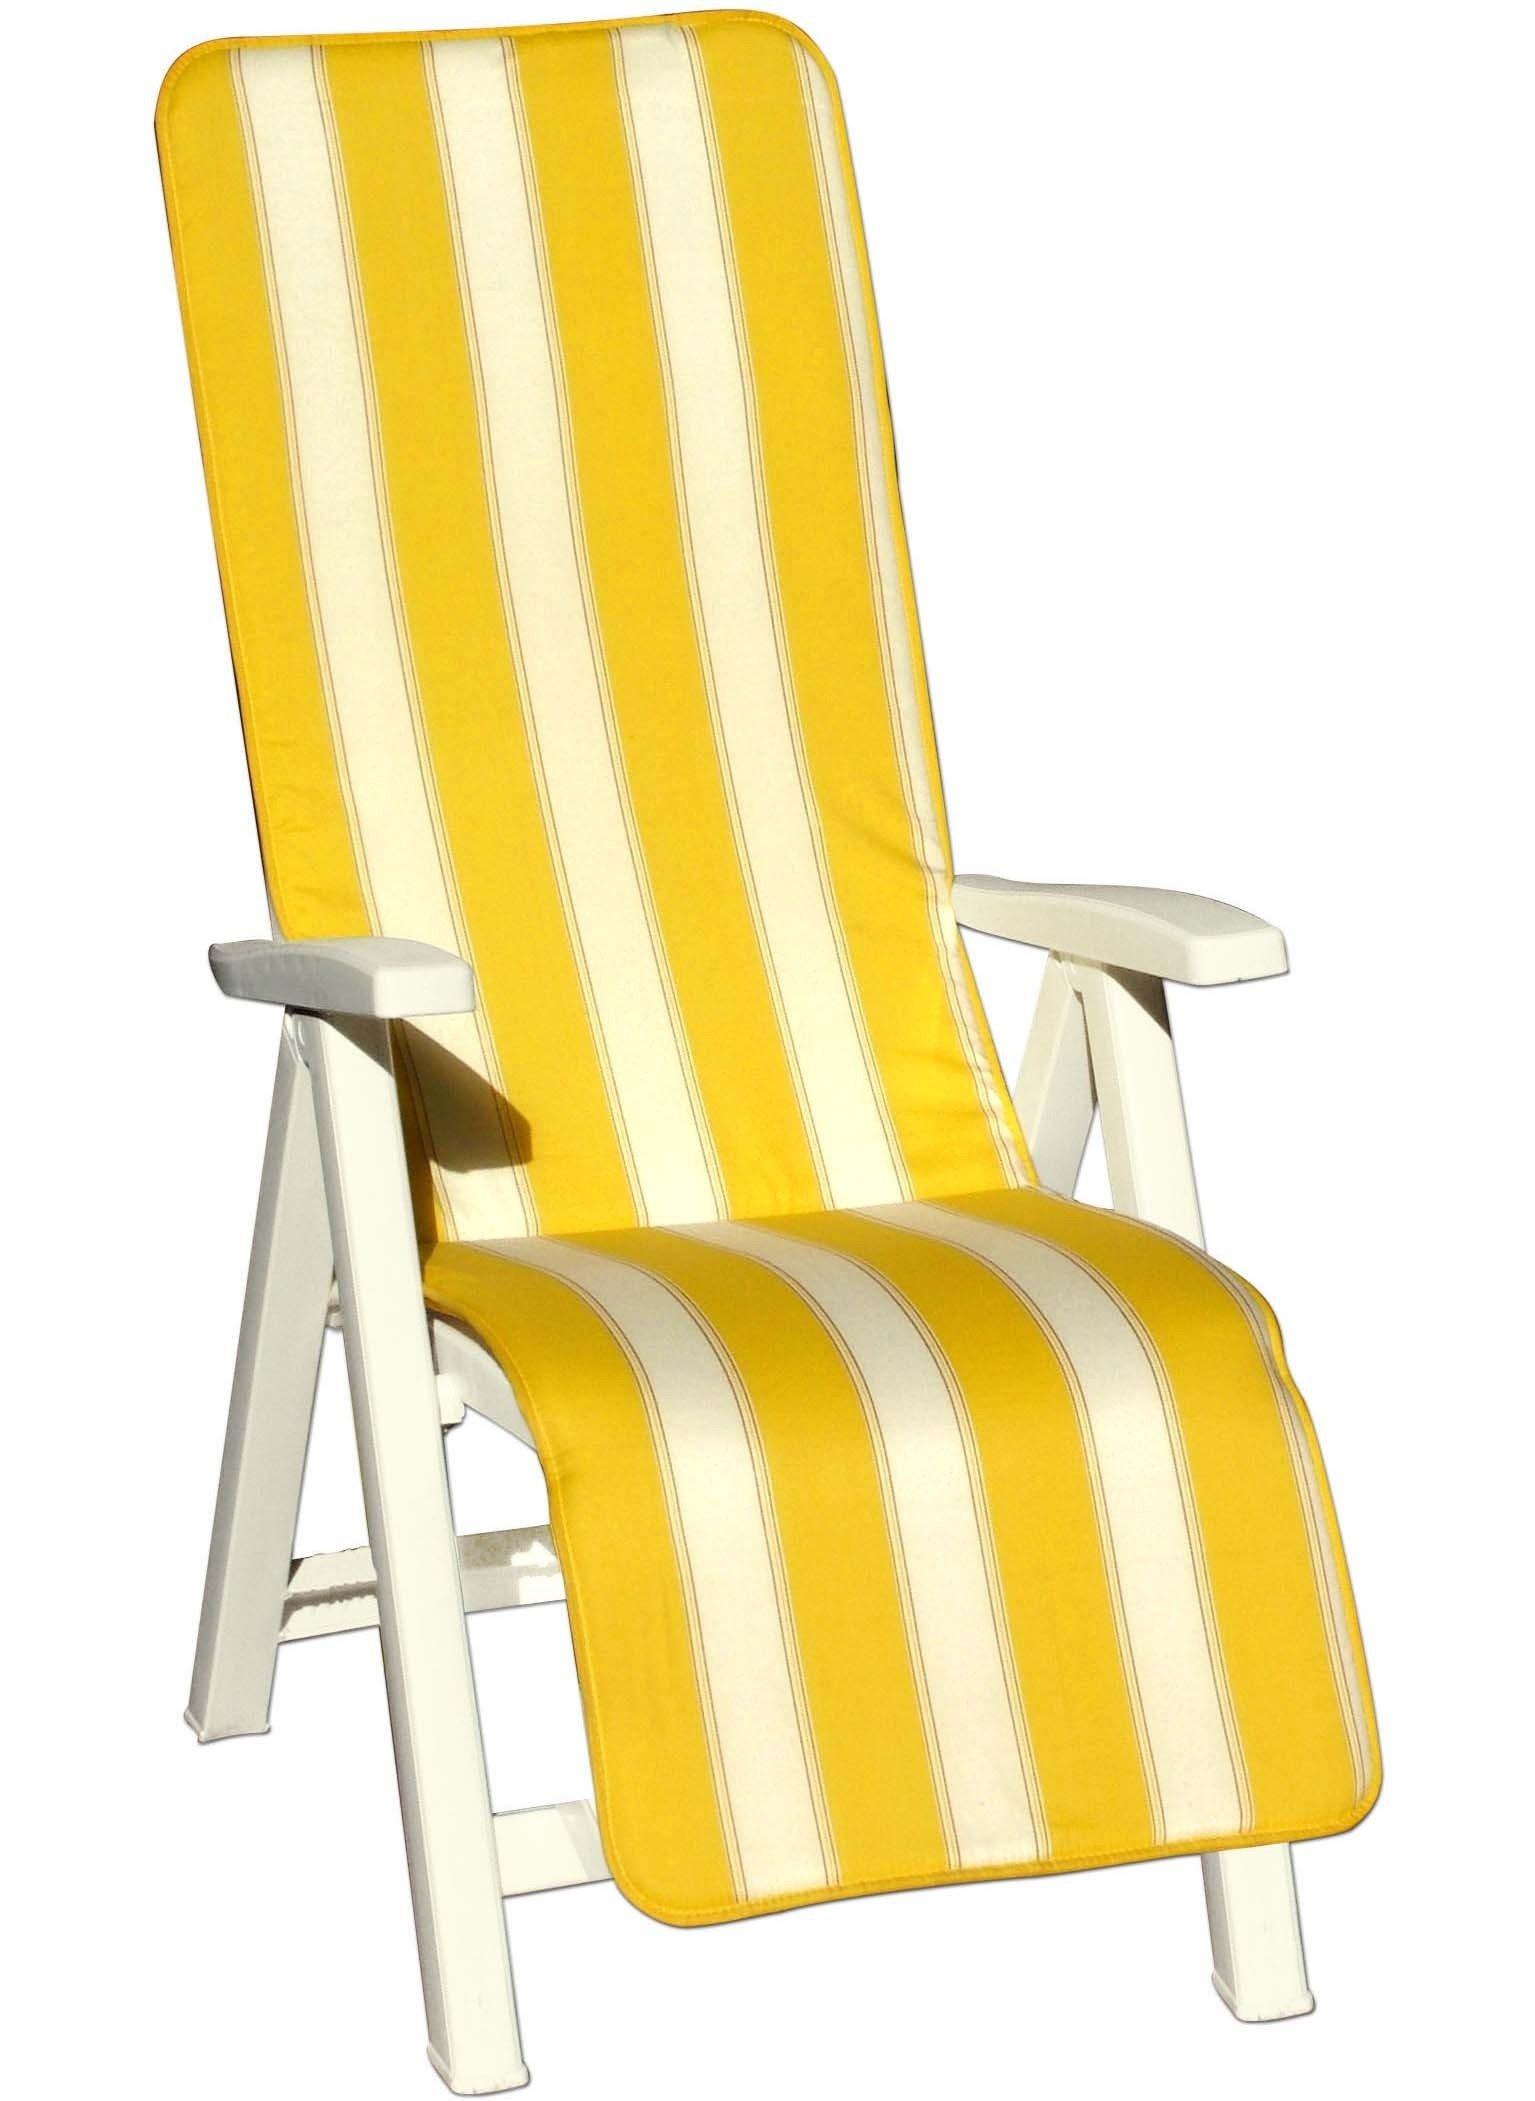 Coussin-chaise longue jaune